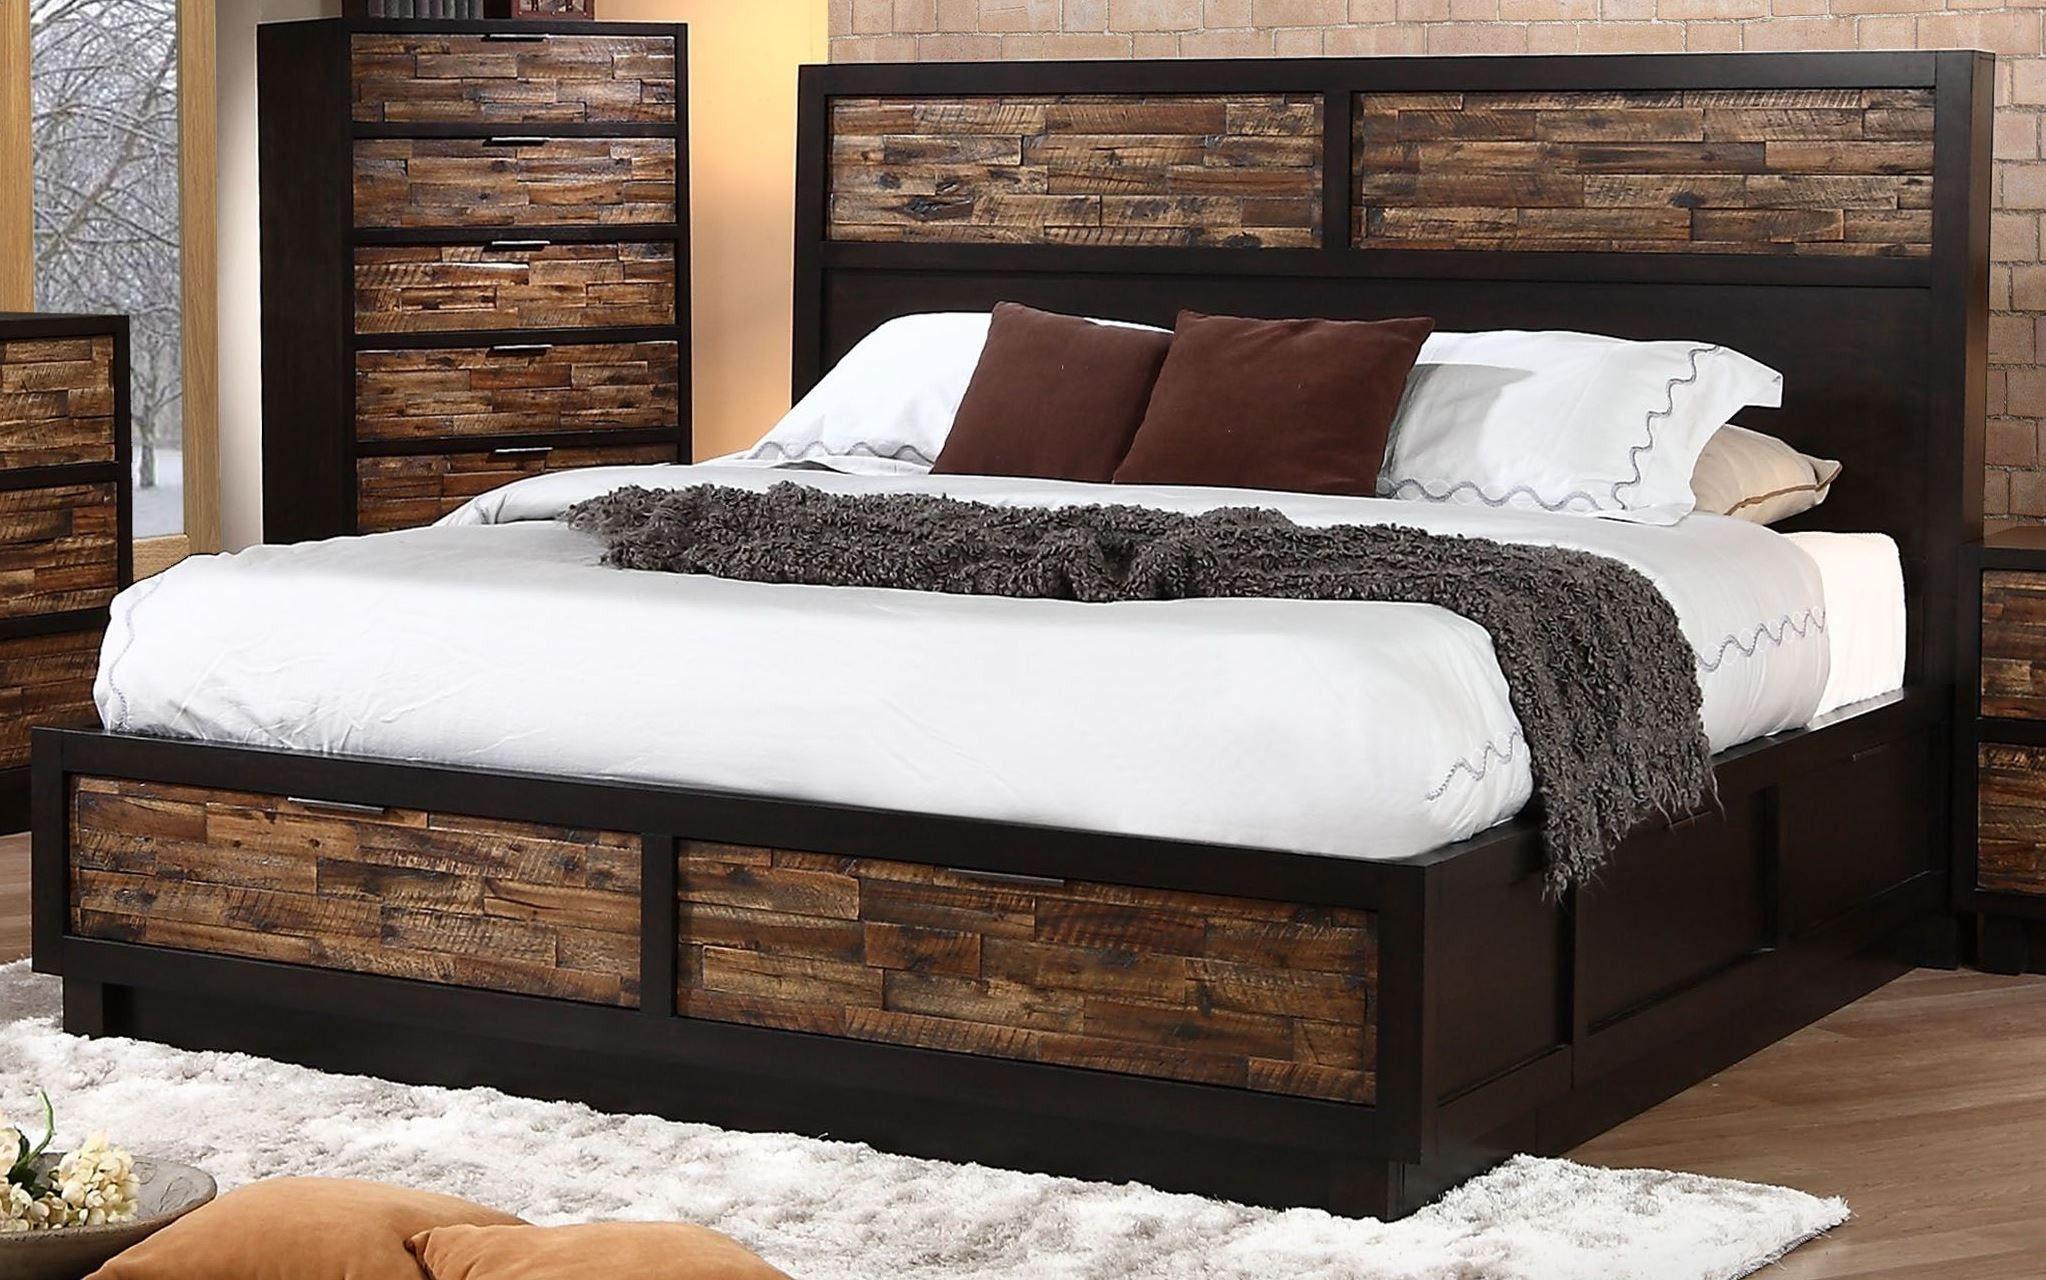 Makeeda Rustic Cal King Platform Storage Bed. Makeeda Rustic Cal King Platform Storage Bed   Furniture